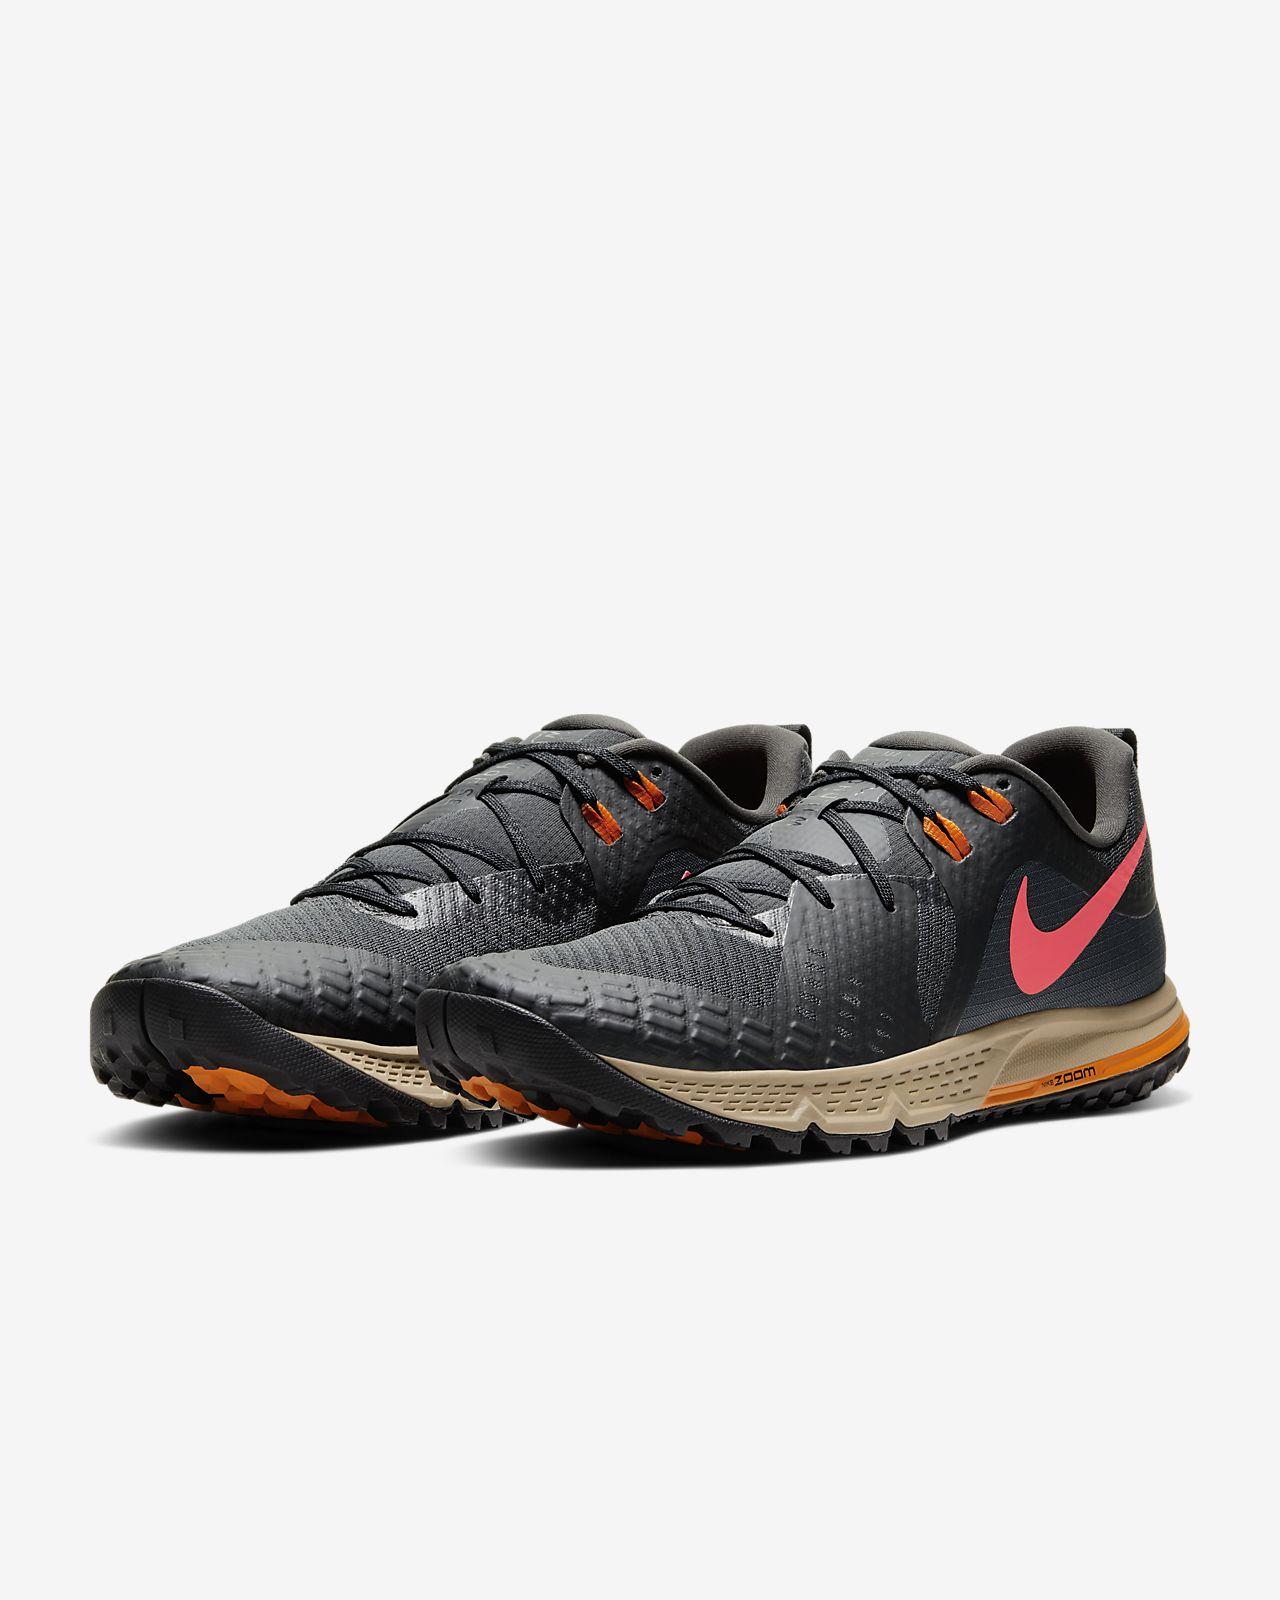 Nike Air Zoom Wildhorse 5 Trail Laufschuh für Herren